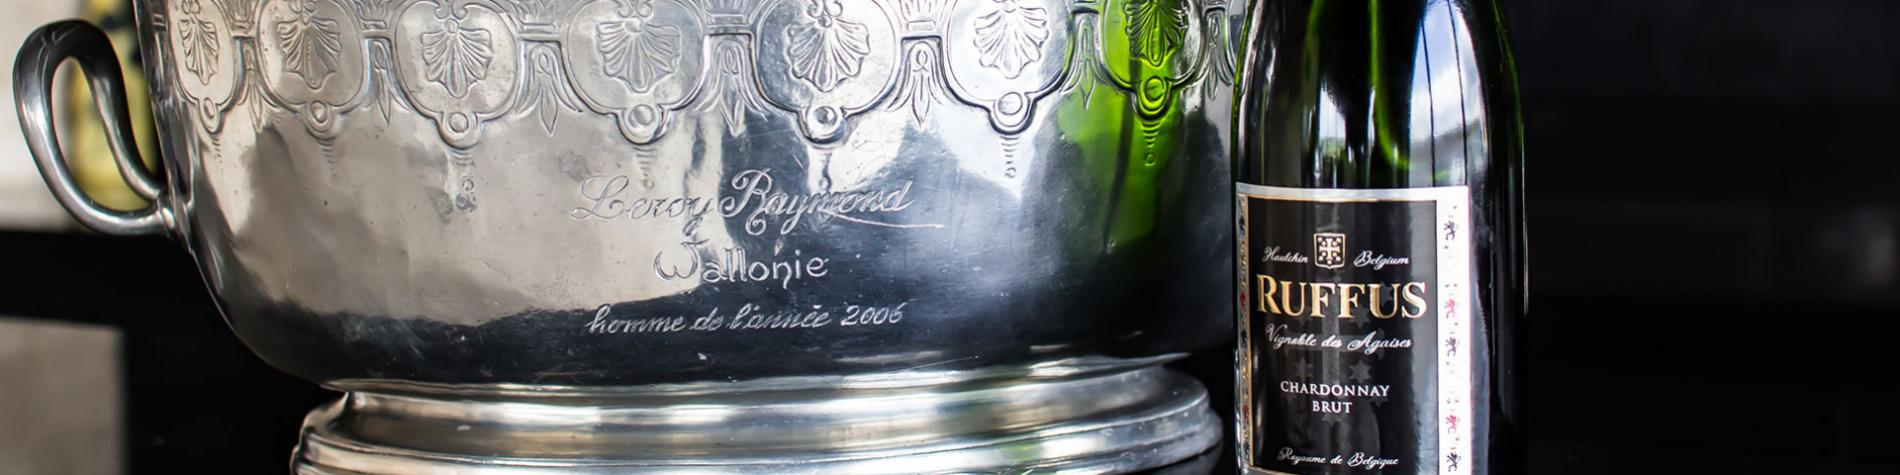 Visit'Entreprise - Vignoble des Agaises - Estinnes - Ruffus - Brut